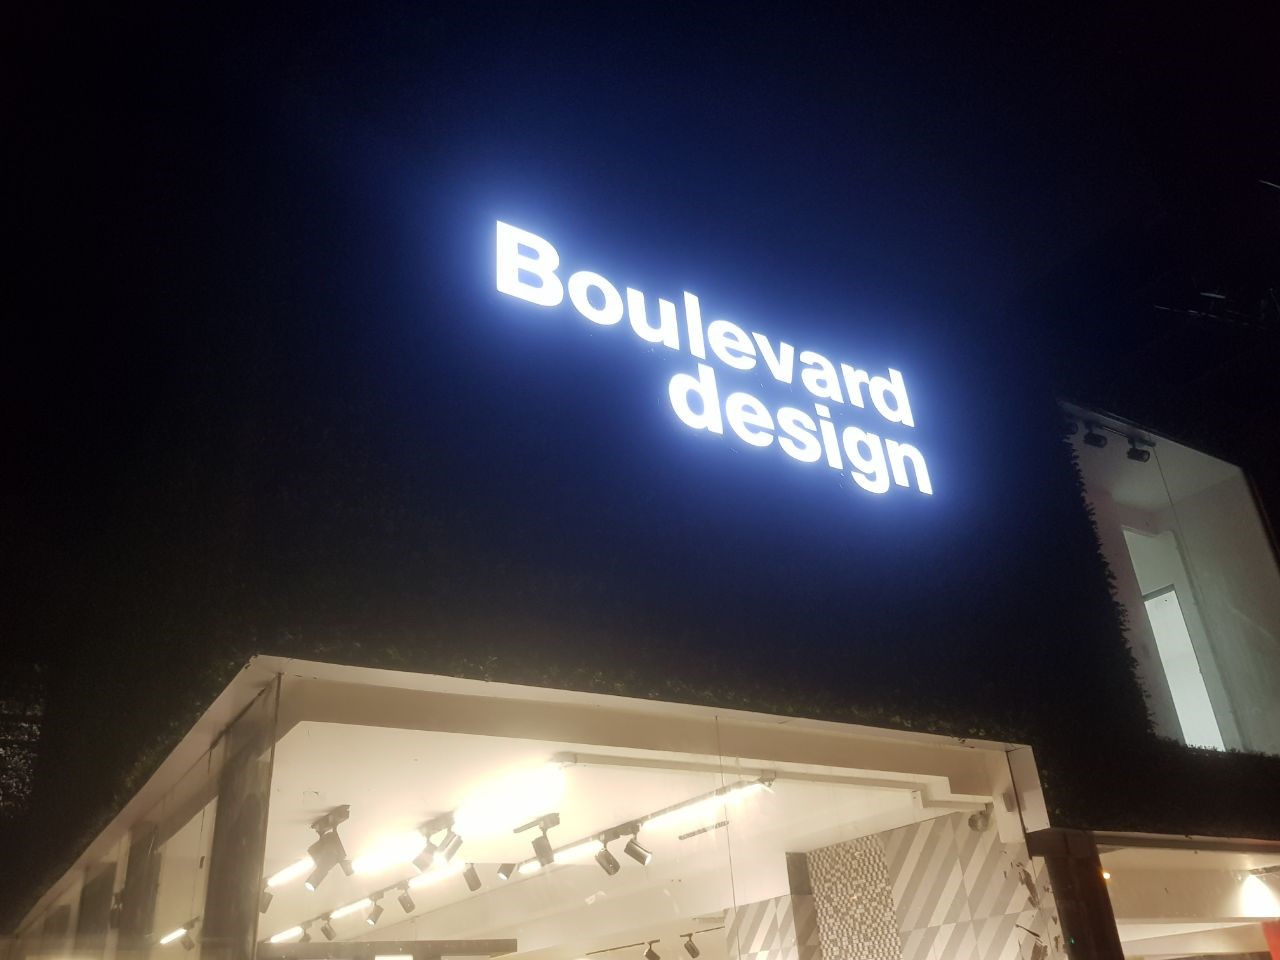 Boulevard Design